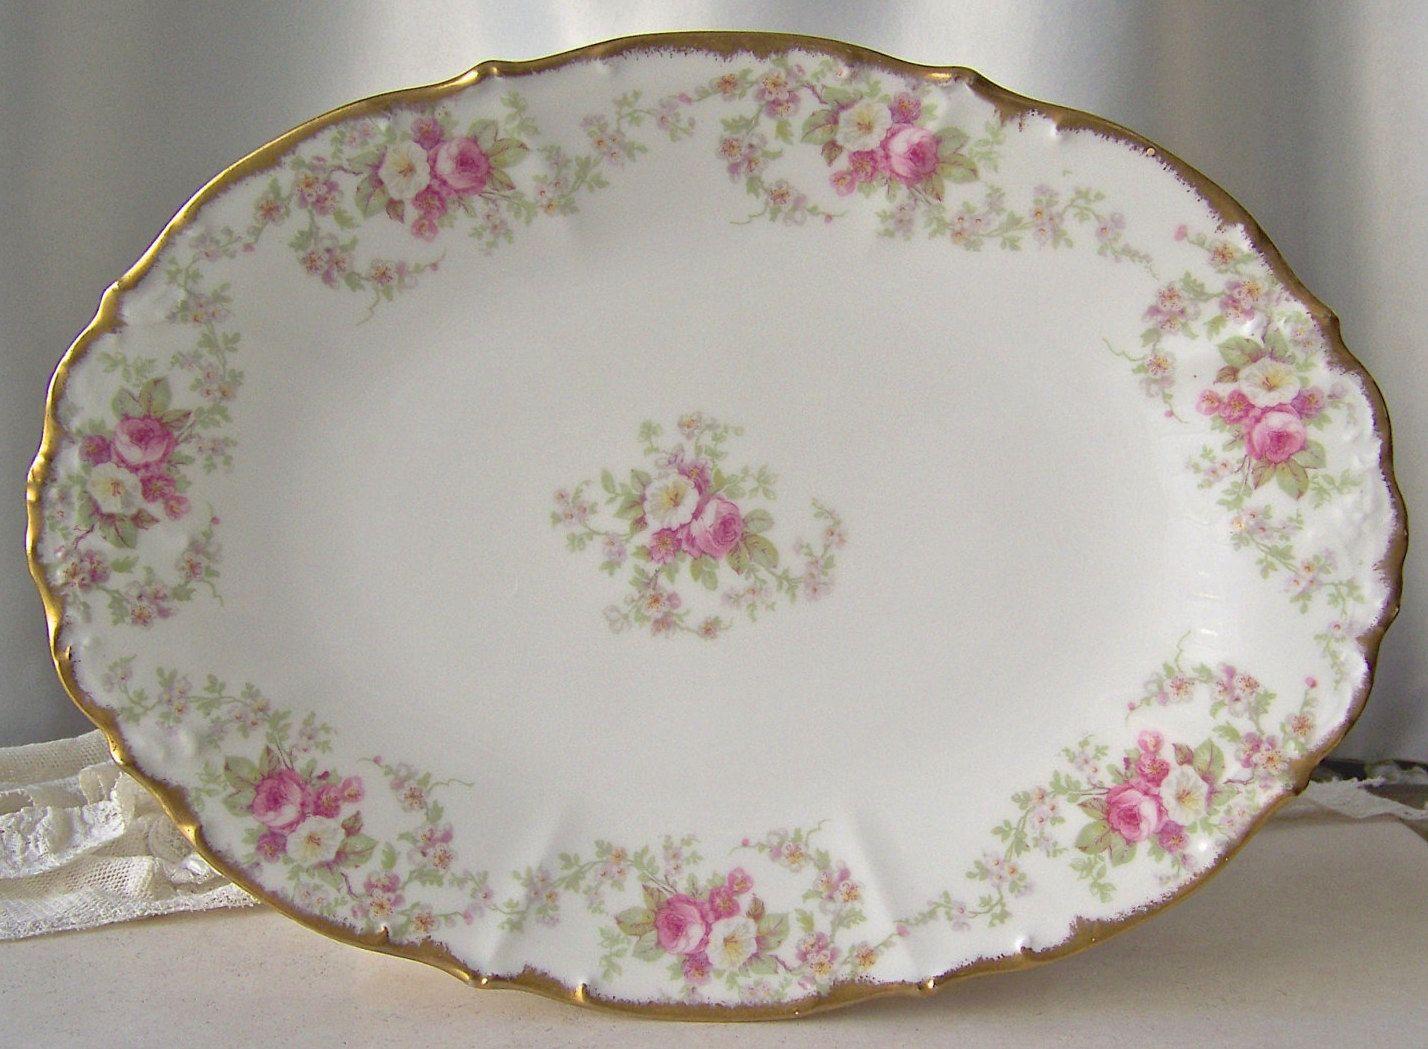 Vintage Oval Porcelain Plate Serving Platter Garlands of Roses Dessert Plate Porcelain Plate Elite France by cynthiasattic on Etsy